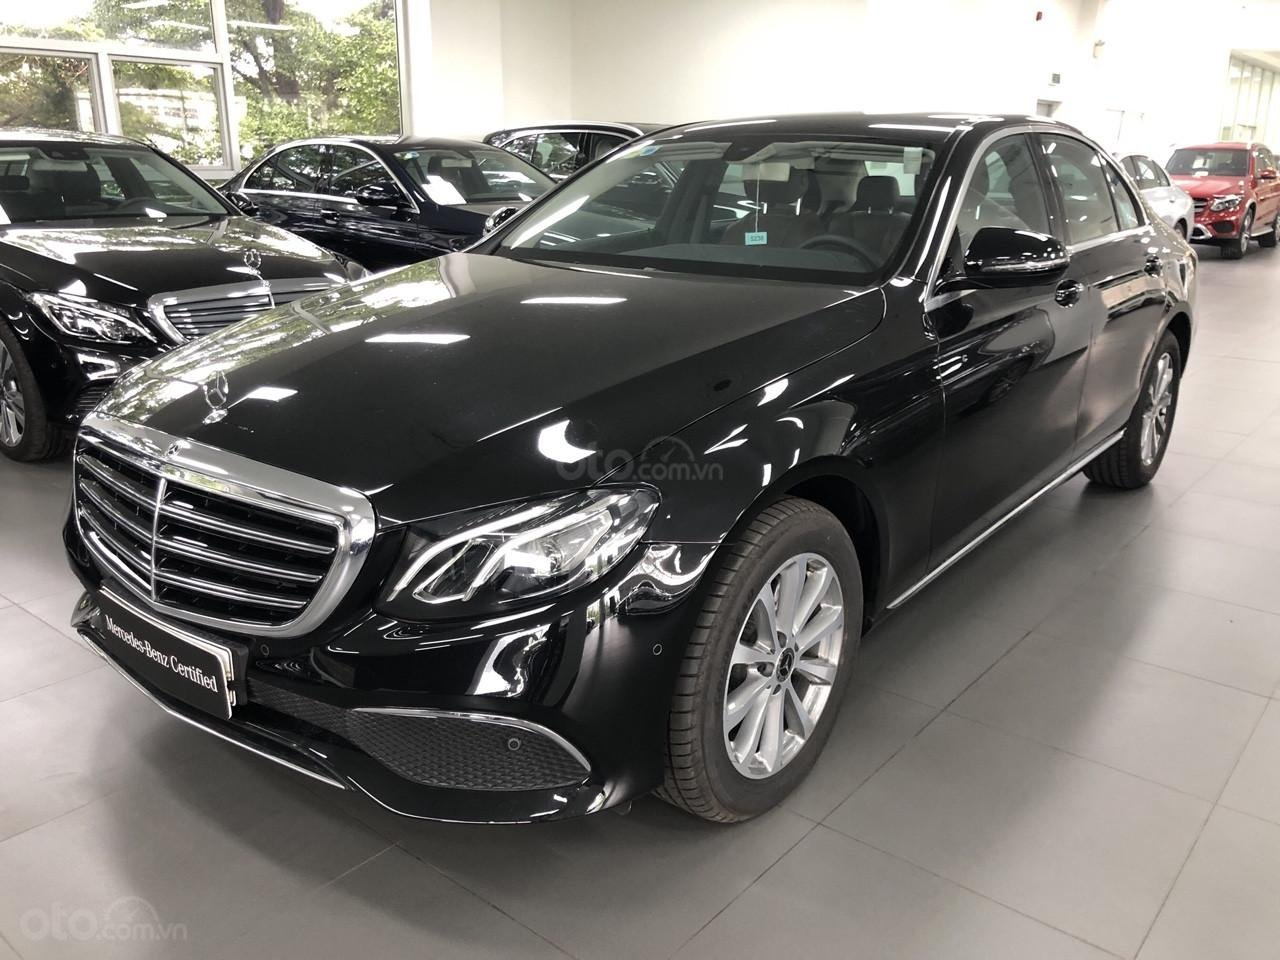 Bán Mercedes-Benz E200 2019, 30km, nhận ngay bảo hiểm thân xe (1)